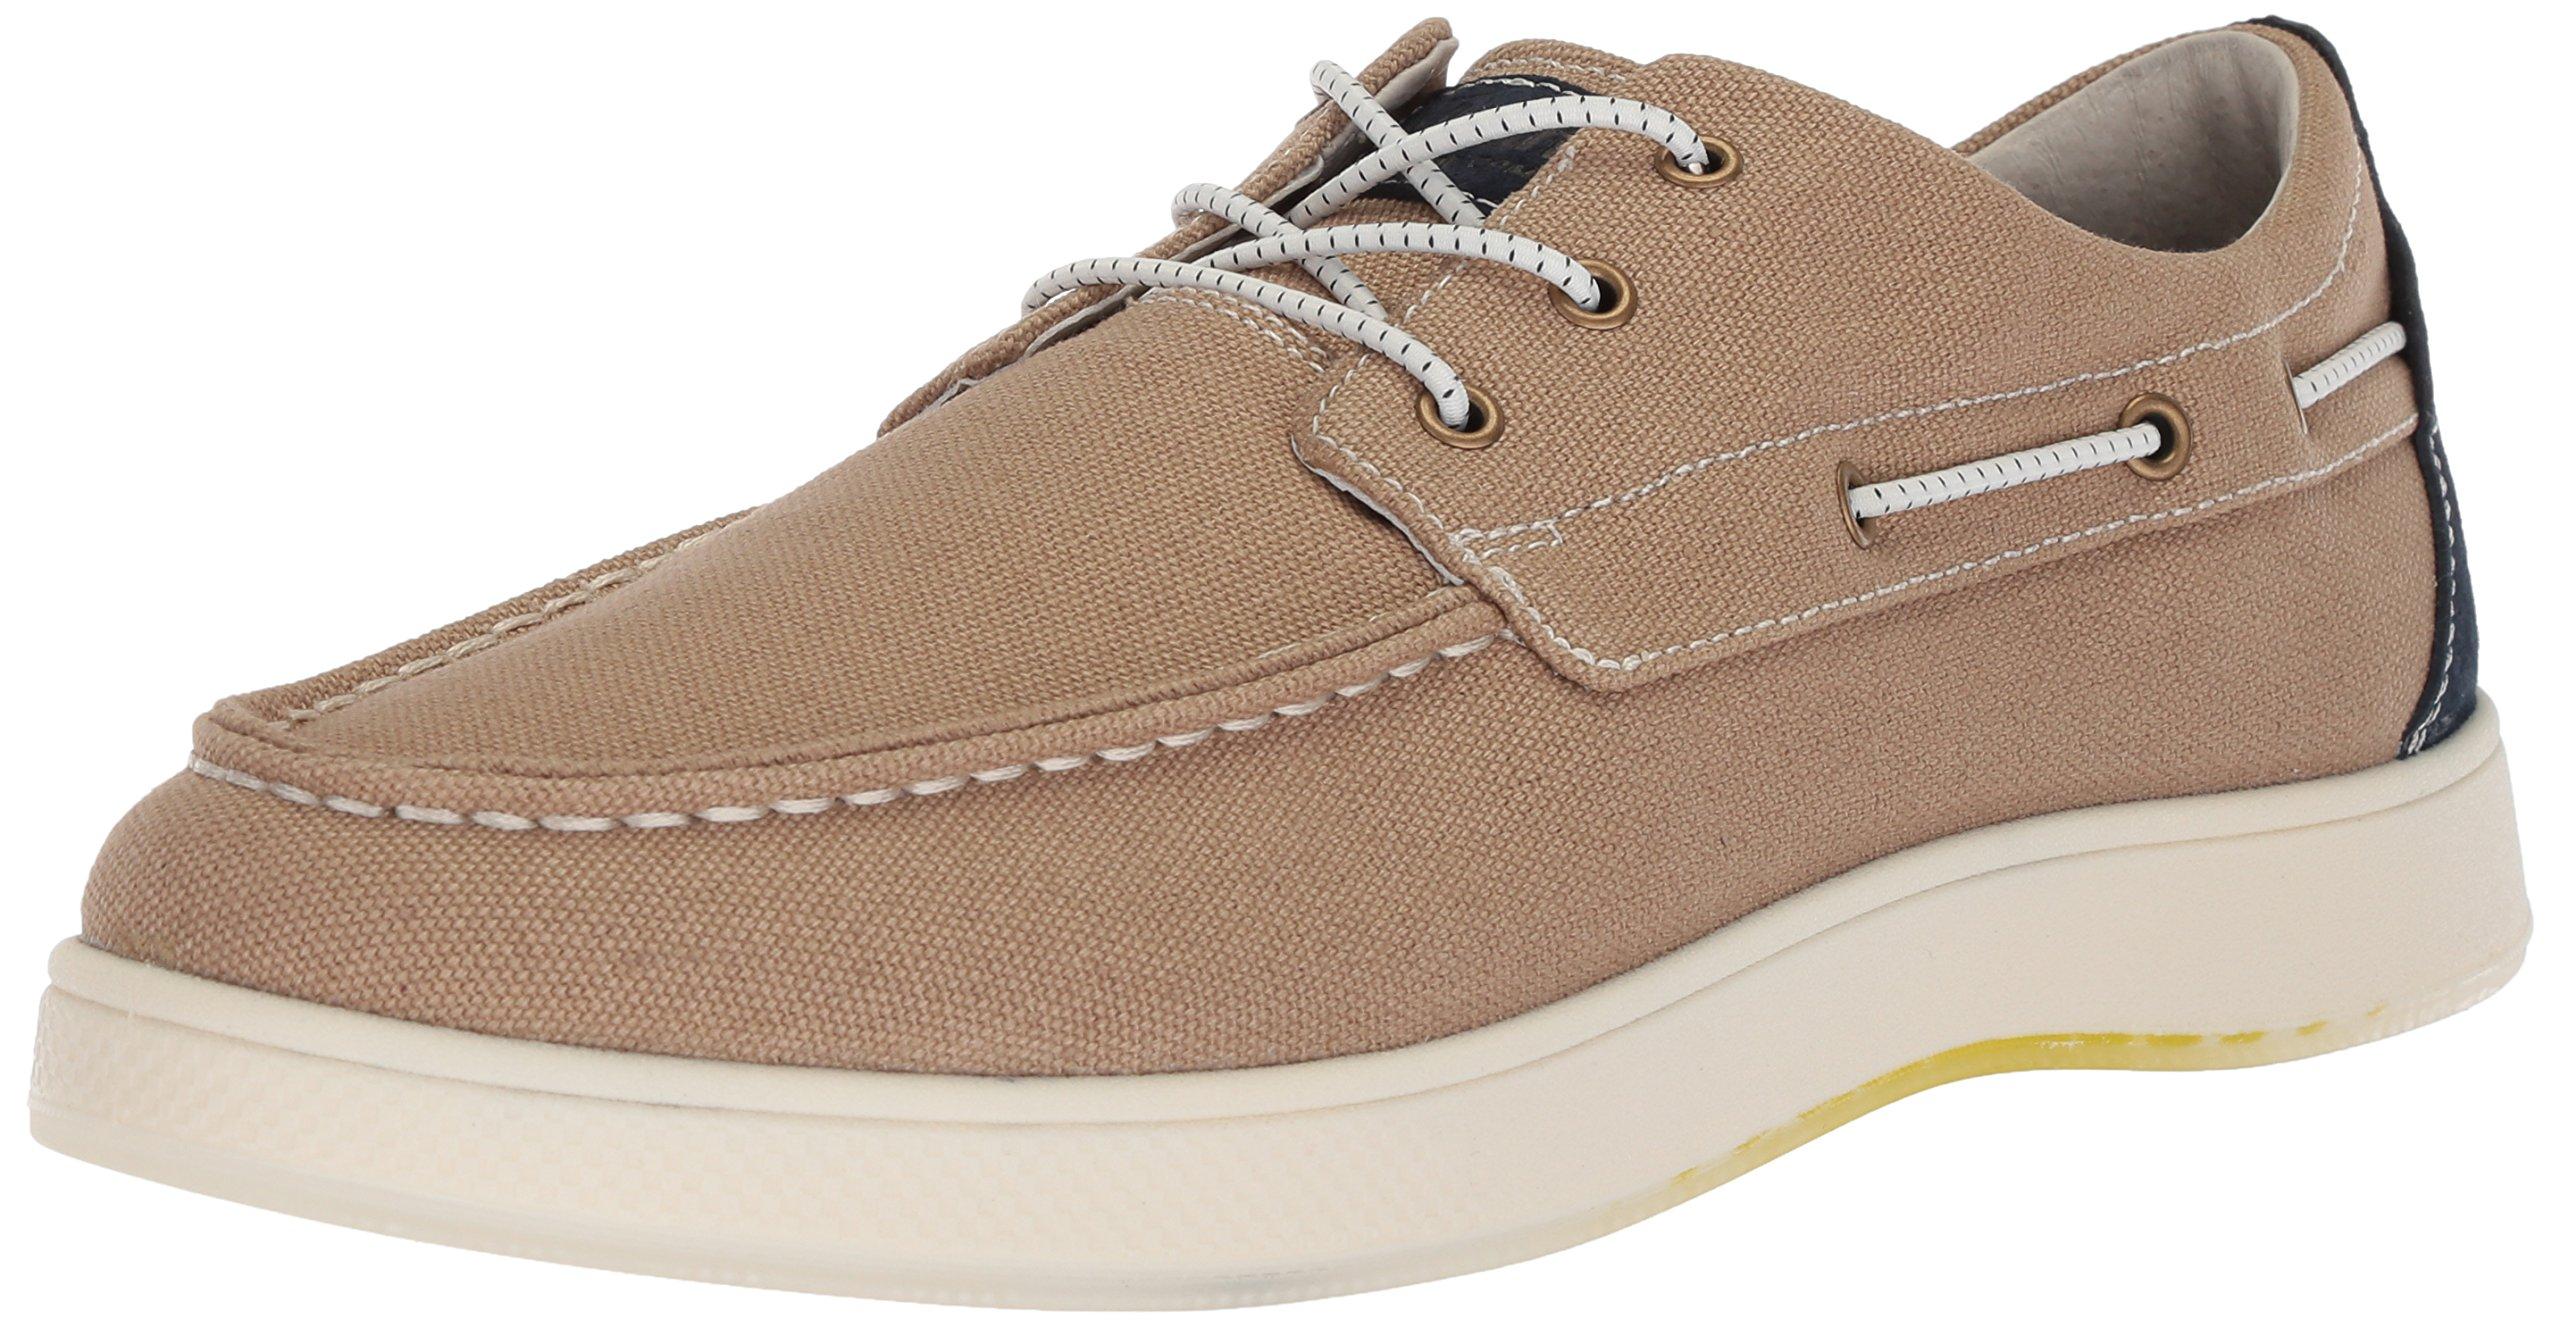 Florsheim Men's Edge Boat Shoe Khaki, 10.5 Medium